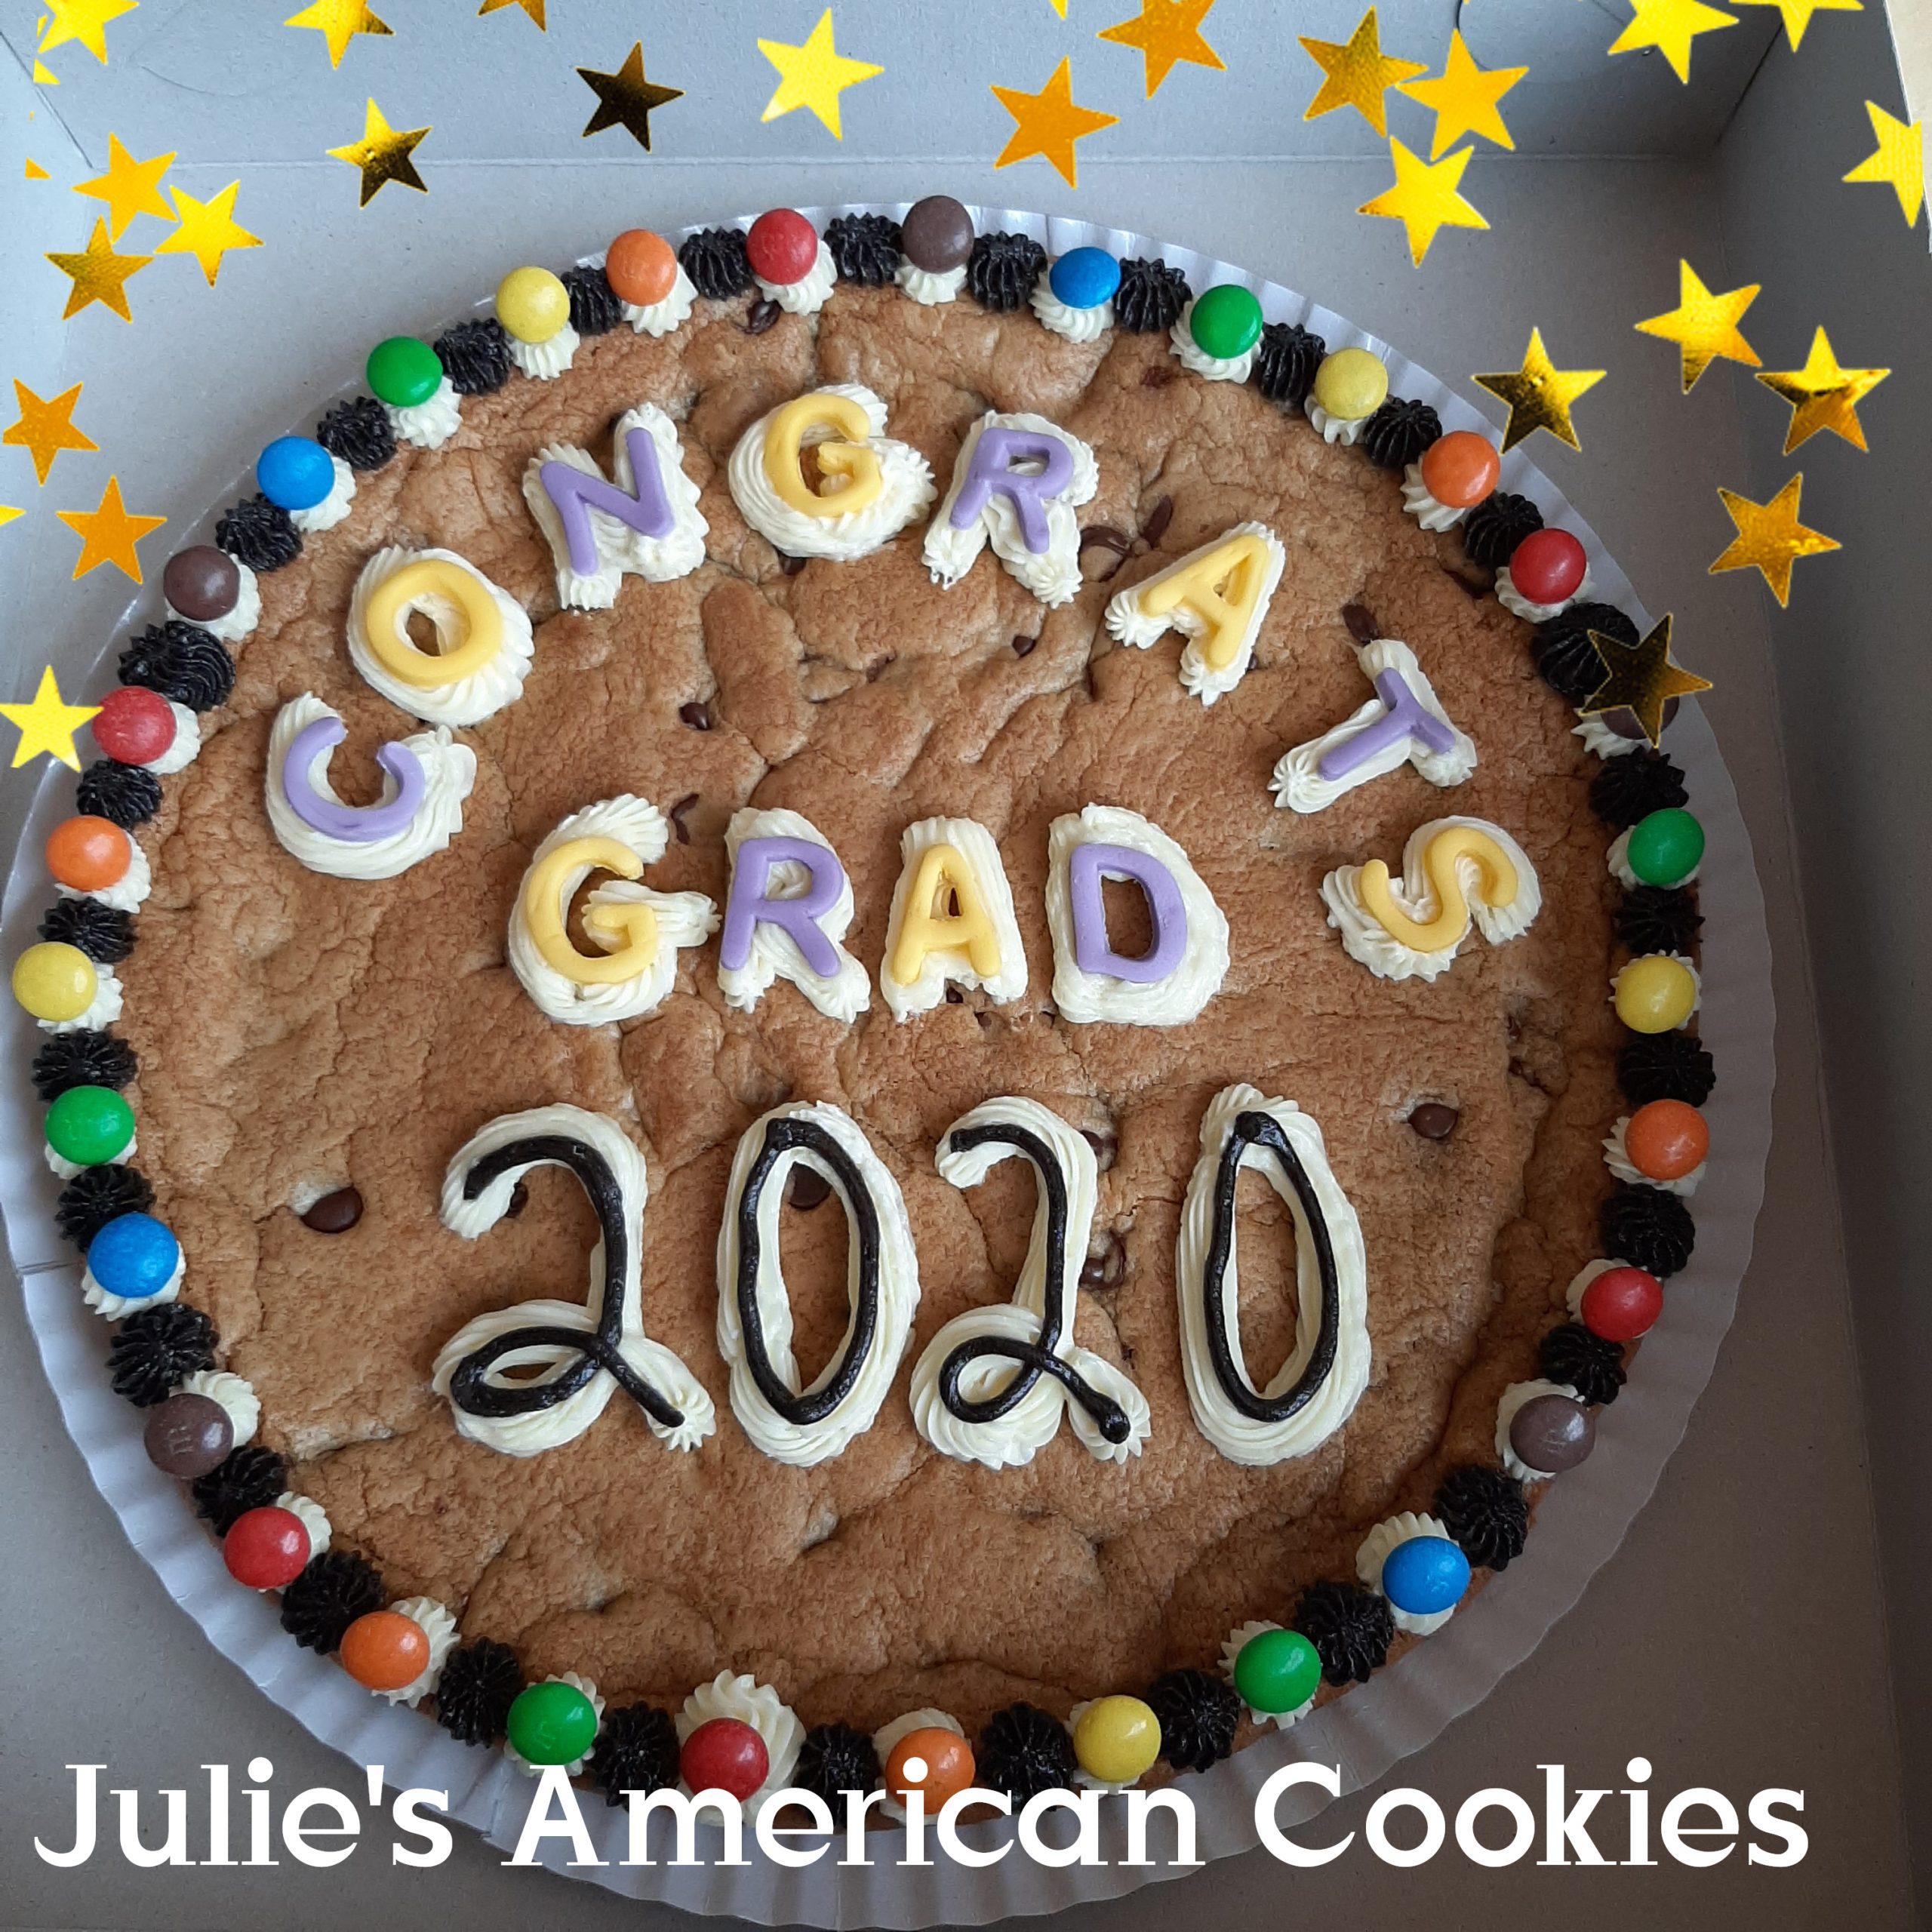 Congrats Grad 2020